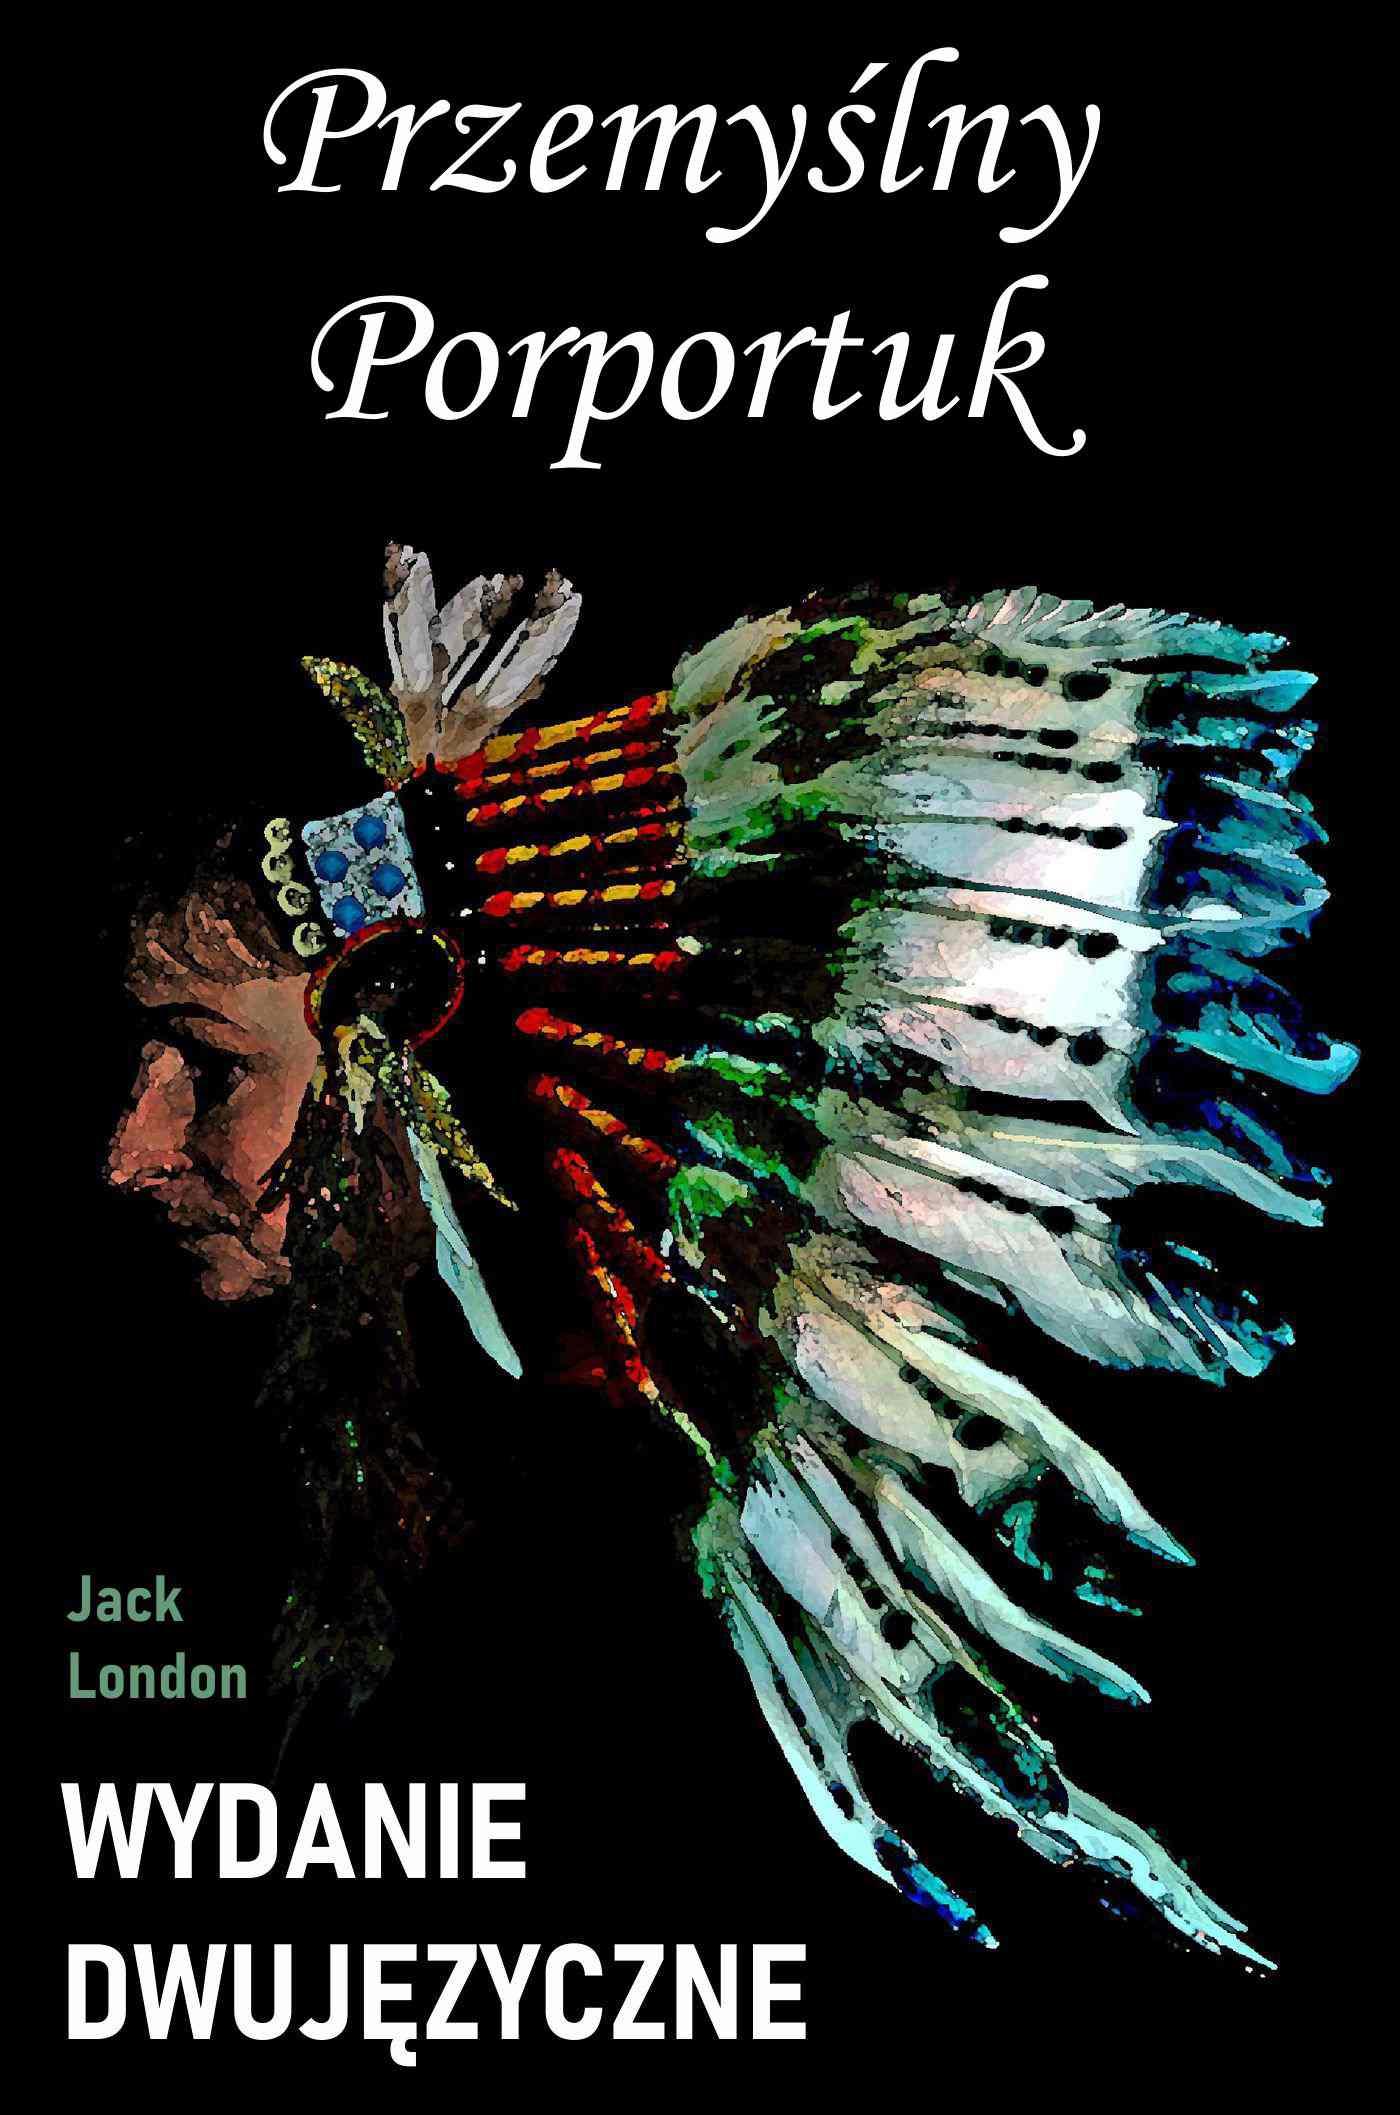 Przemyślny Porportuk. Wydanie dwujęzyczne - Ebook (Książka PDF) do pobrania w formacie PDF